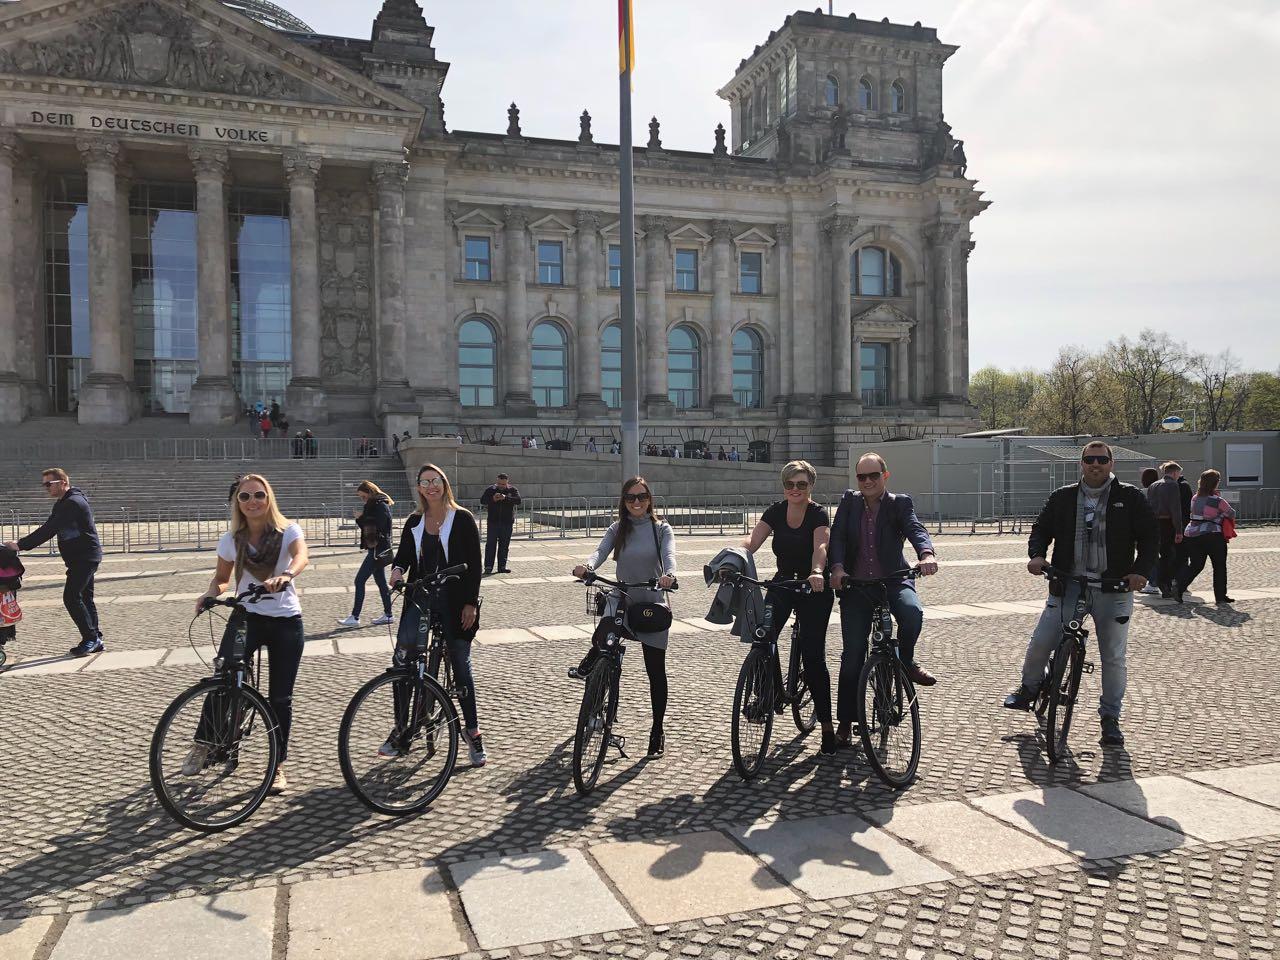 NCD encerra tour por Berlim e anuncia o próximo destino internacional: Dubai